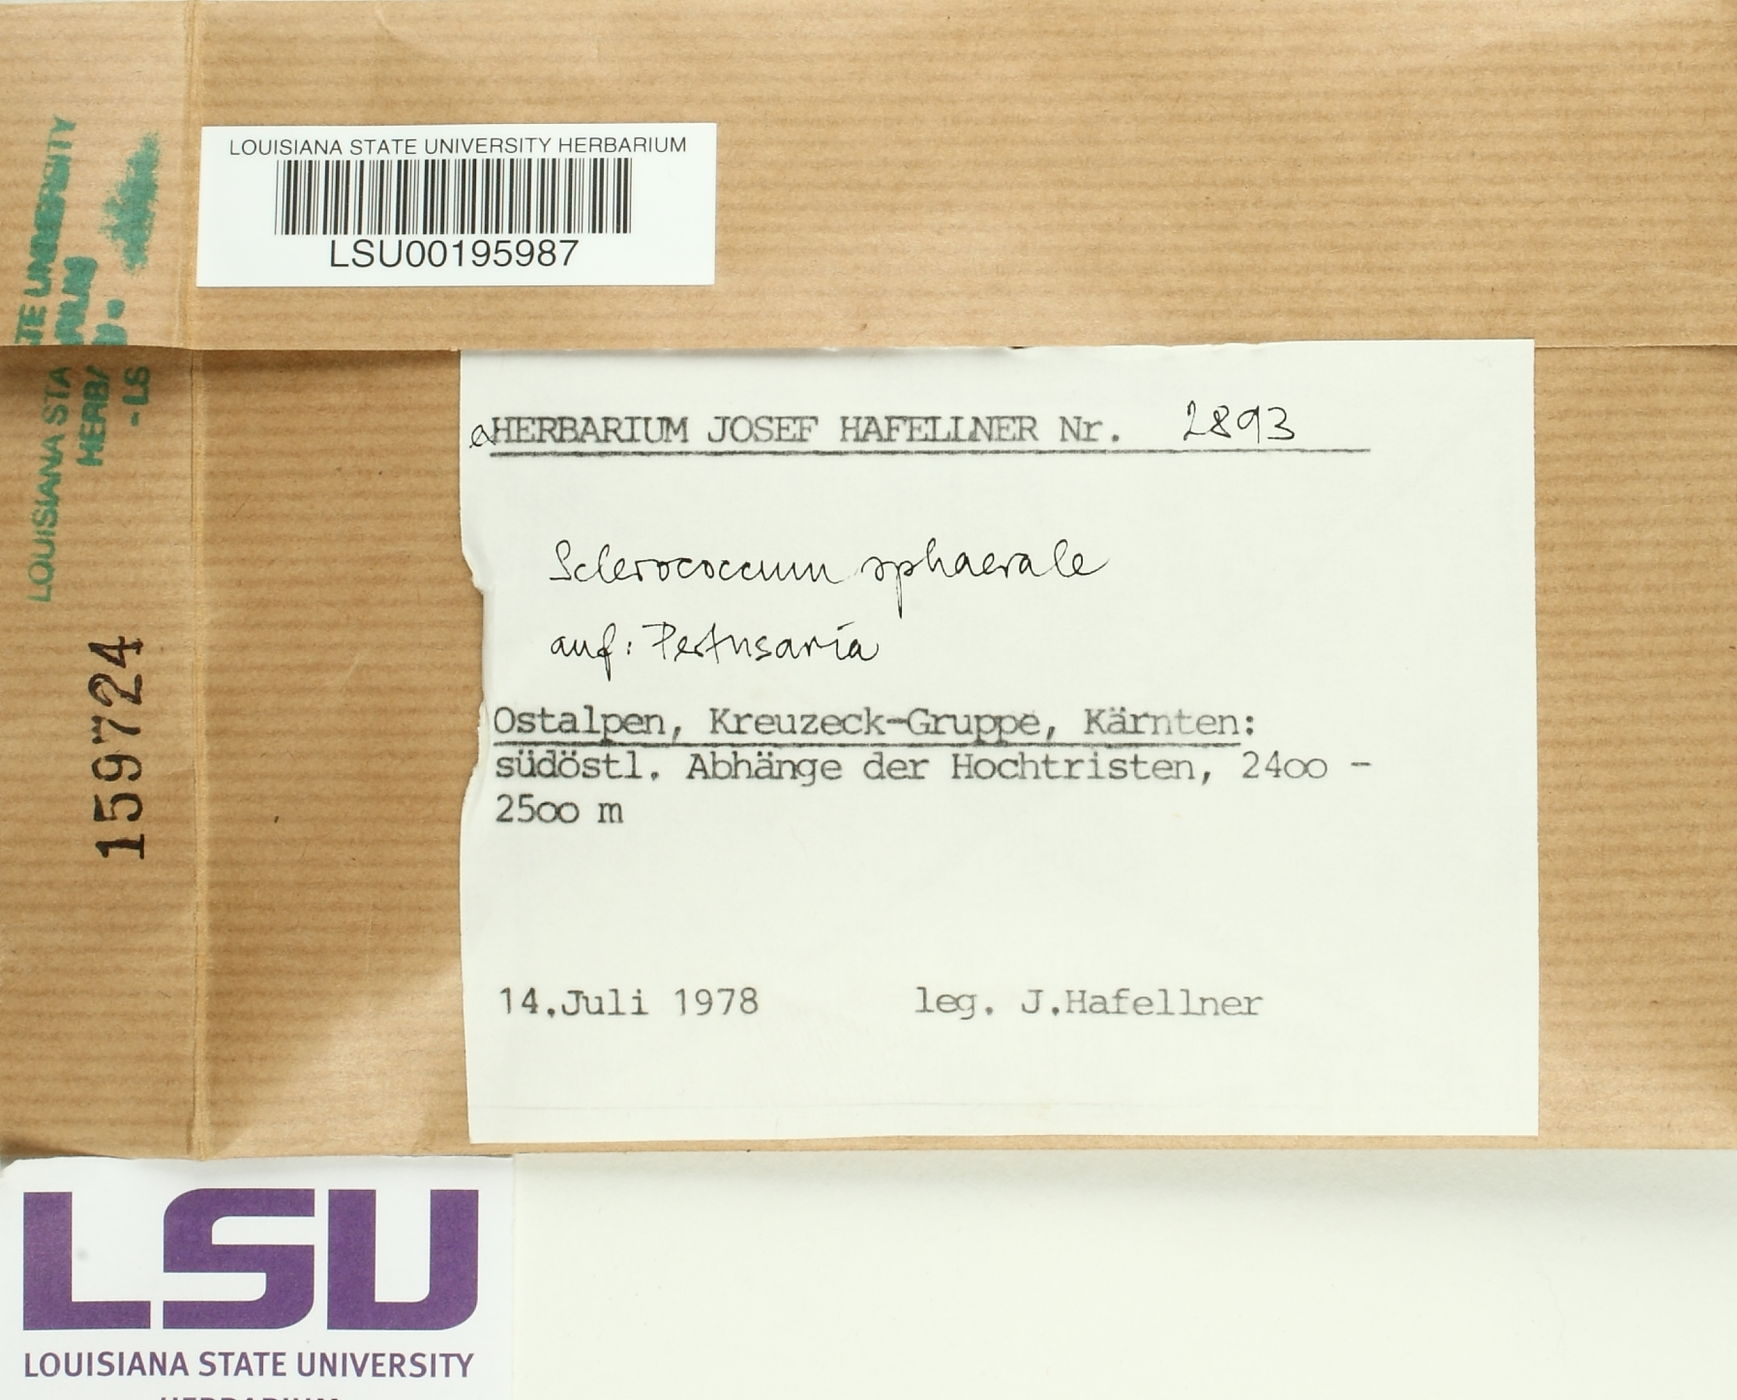 Sclerococcum sphaerale image